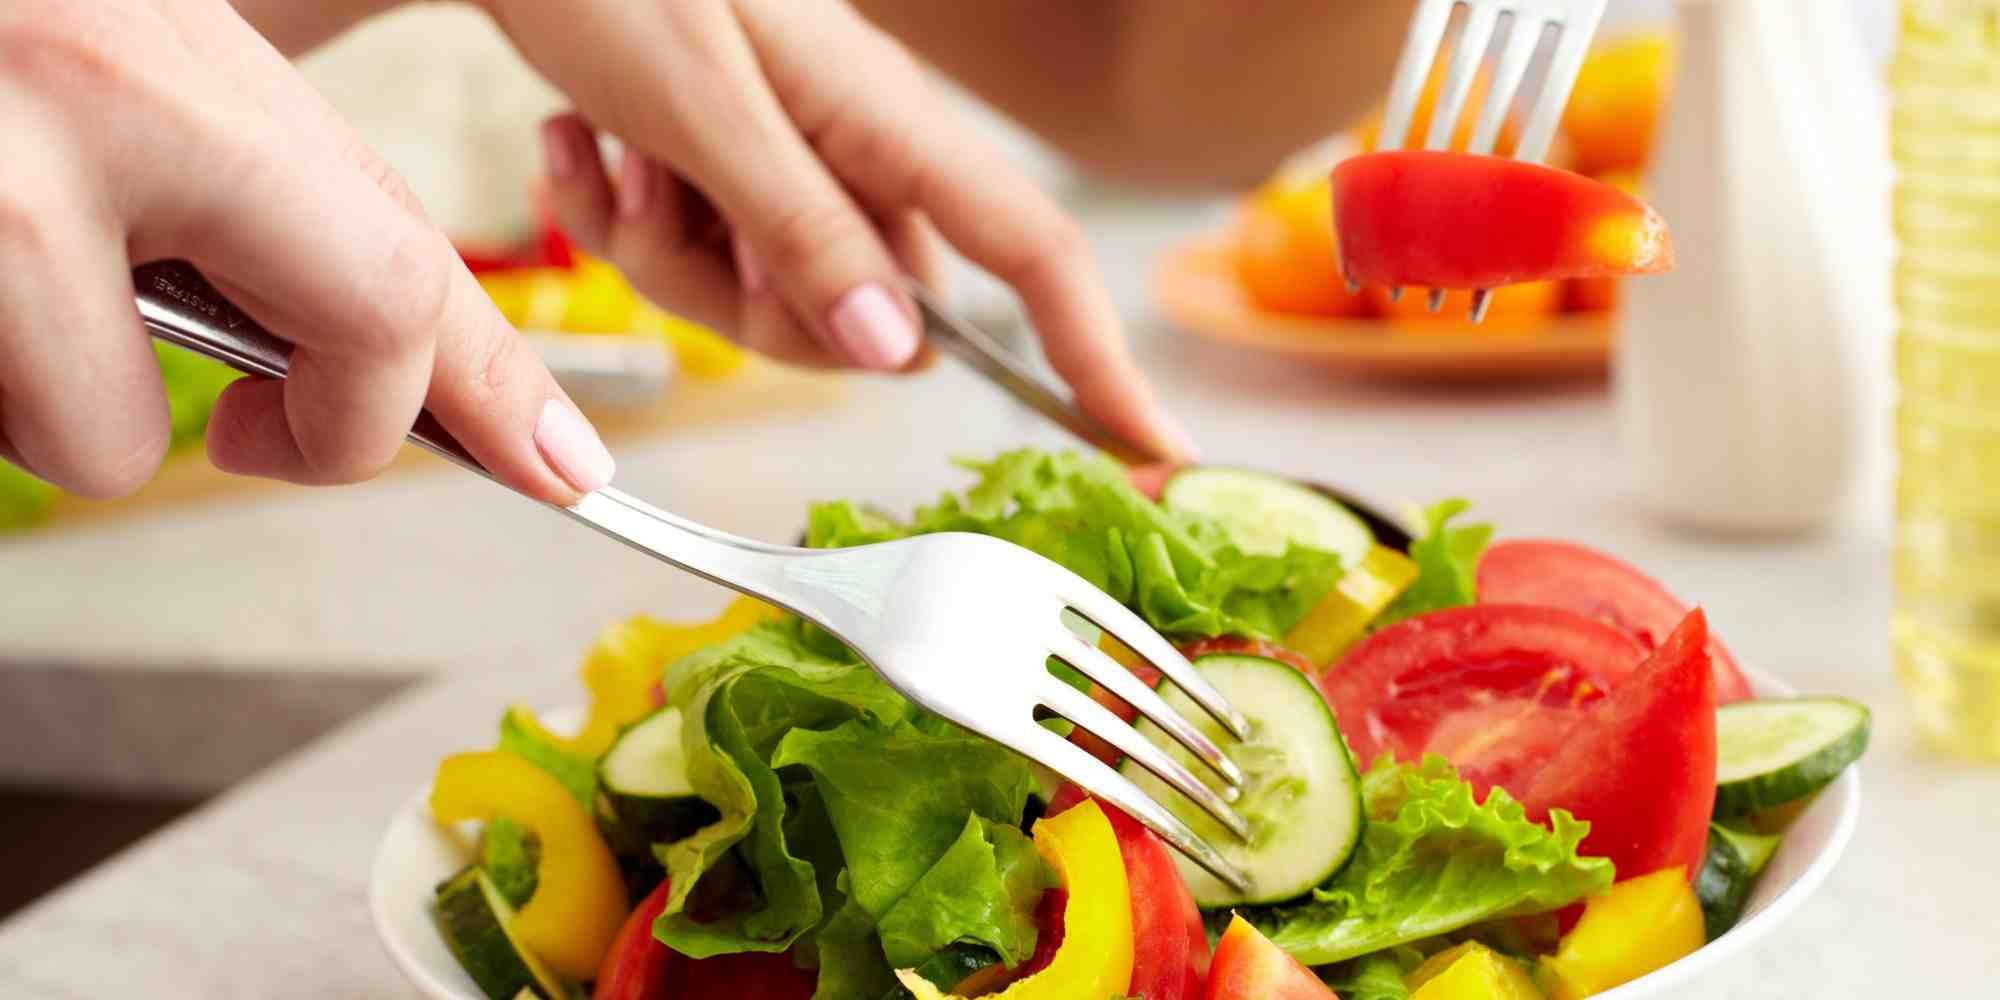 وجبة غذائية متكاملة